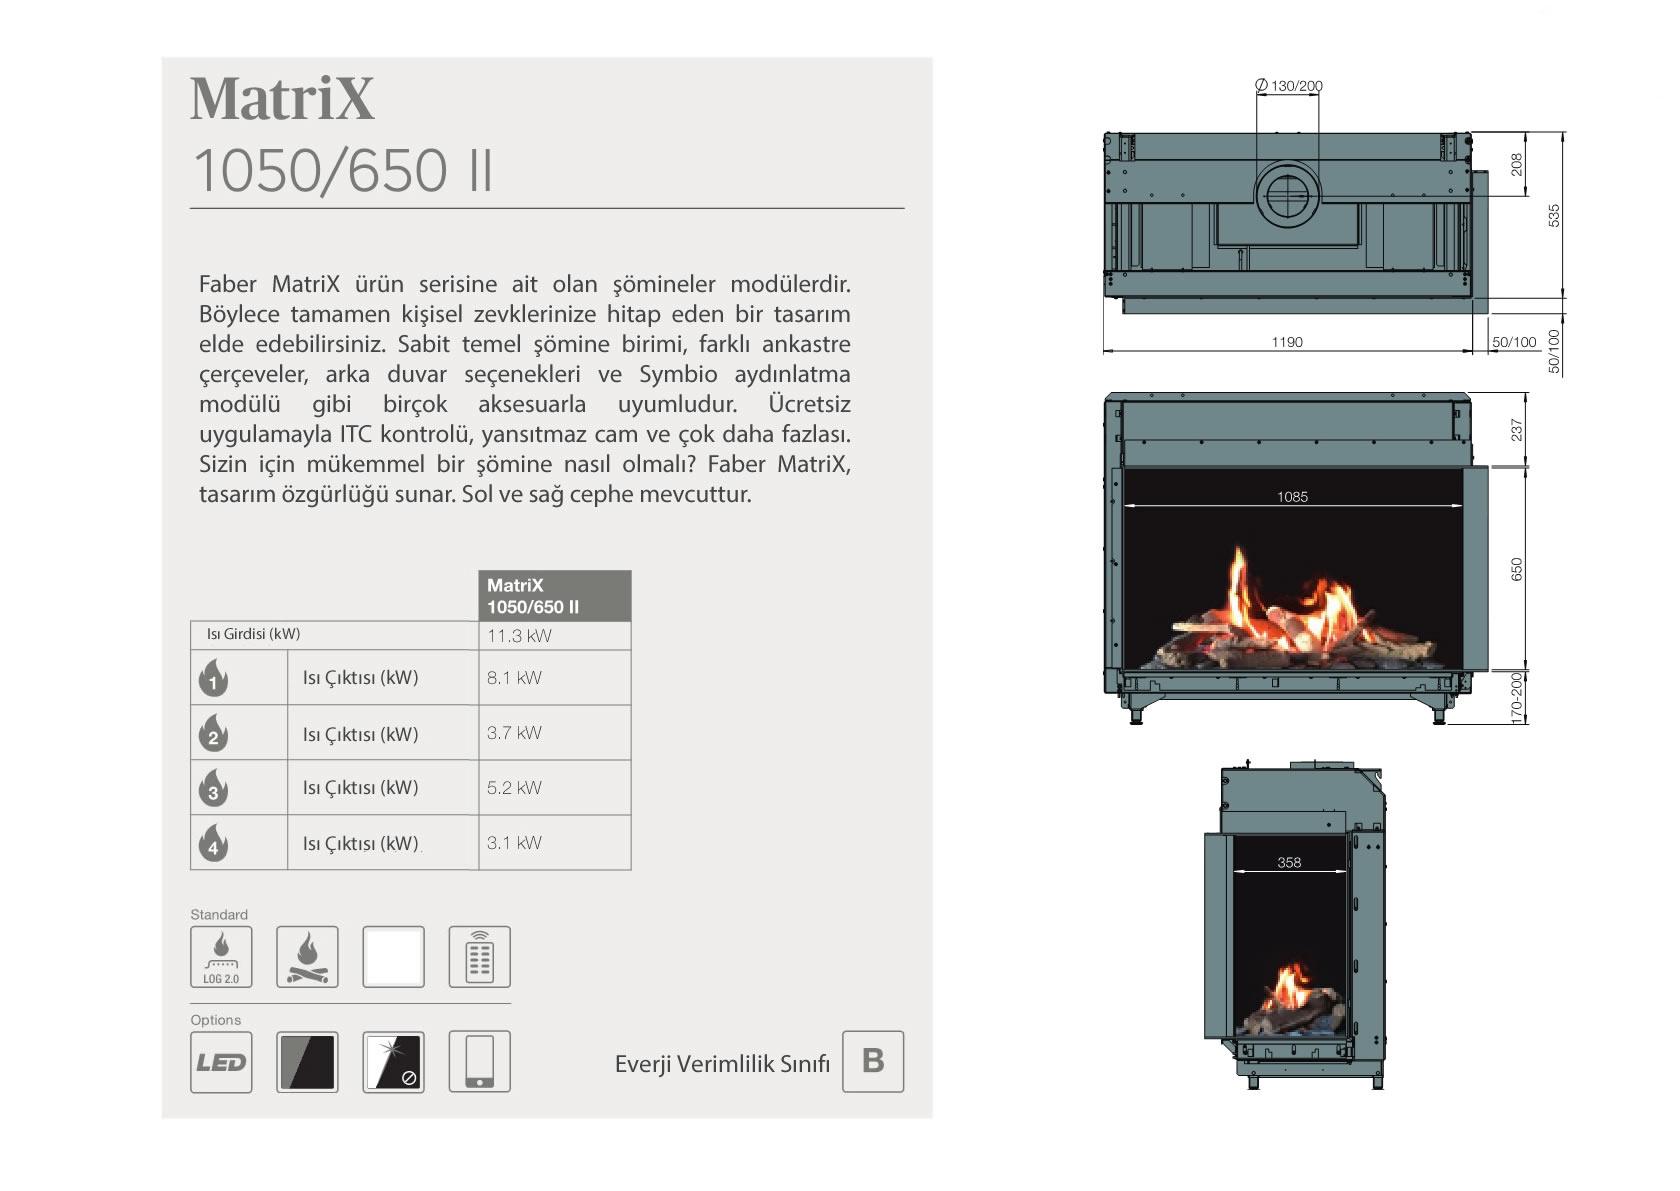 Faber Doğalgazlı Şömineler - MATRİX 1050 / 650 II